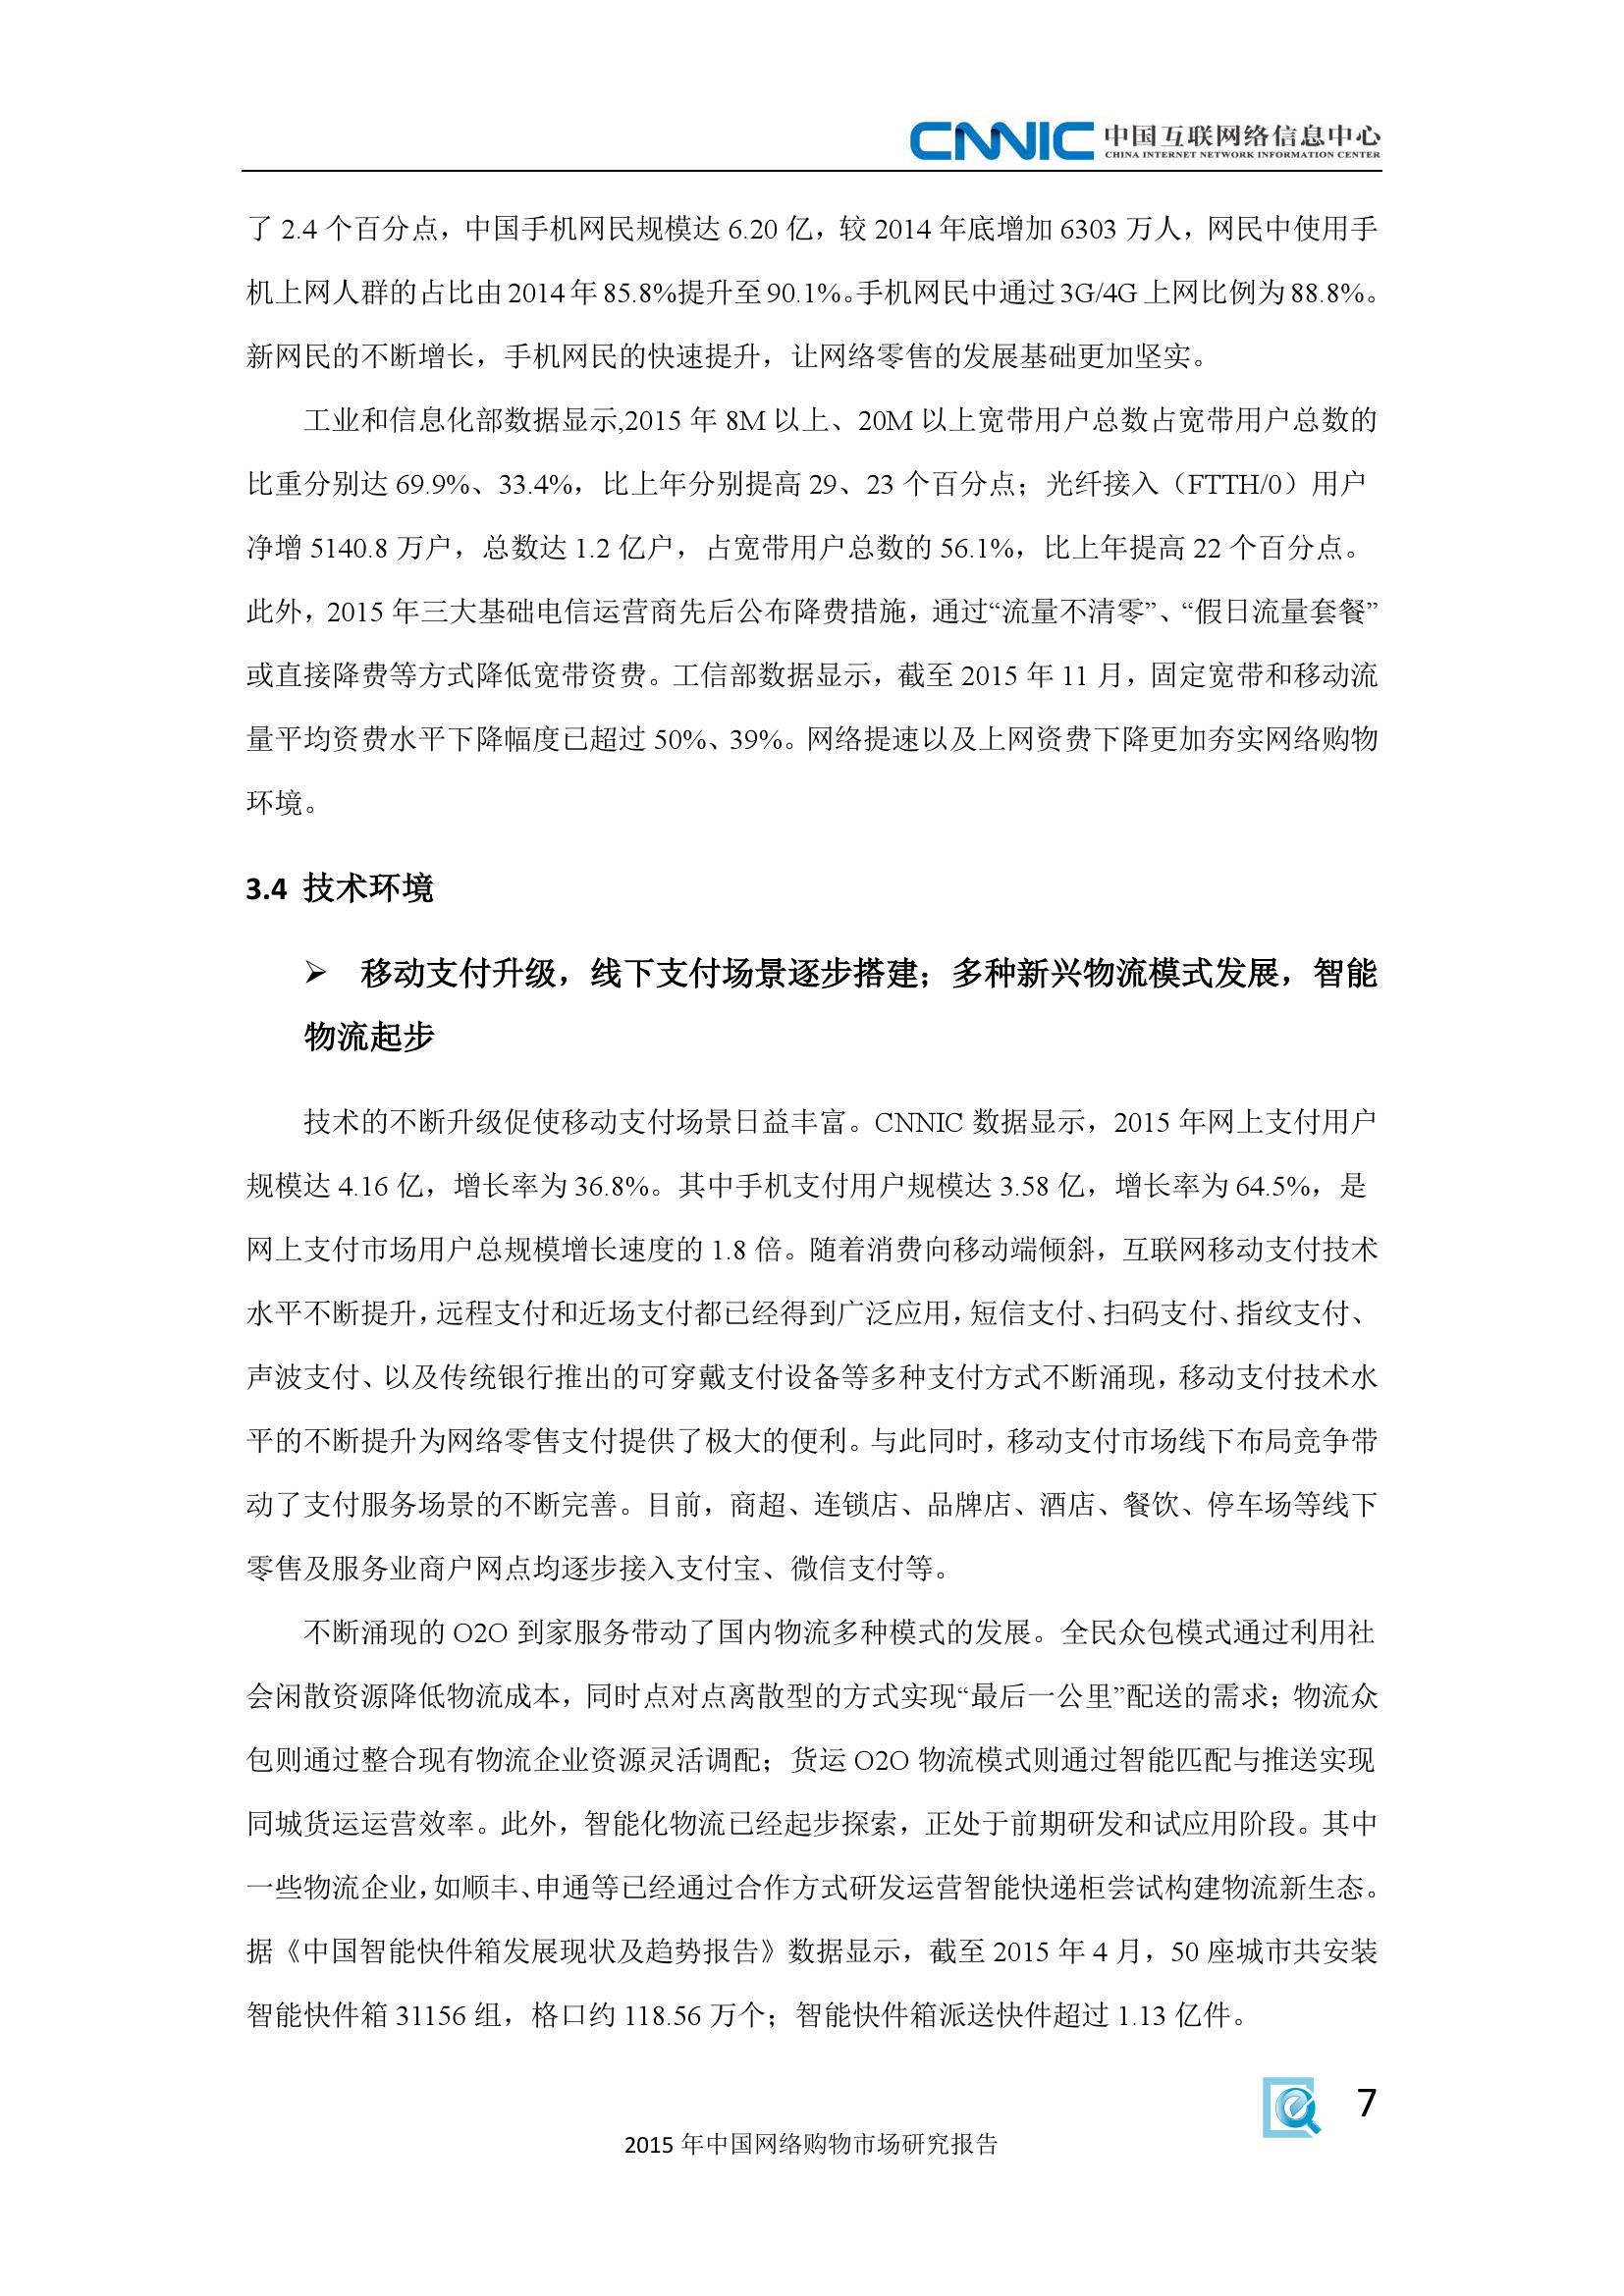 2015年中国网络购物市场研究报告_000015